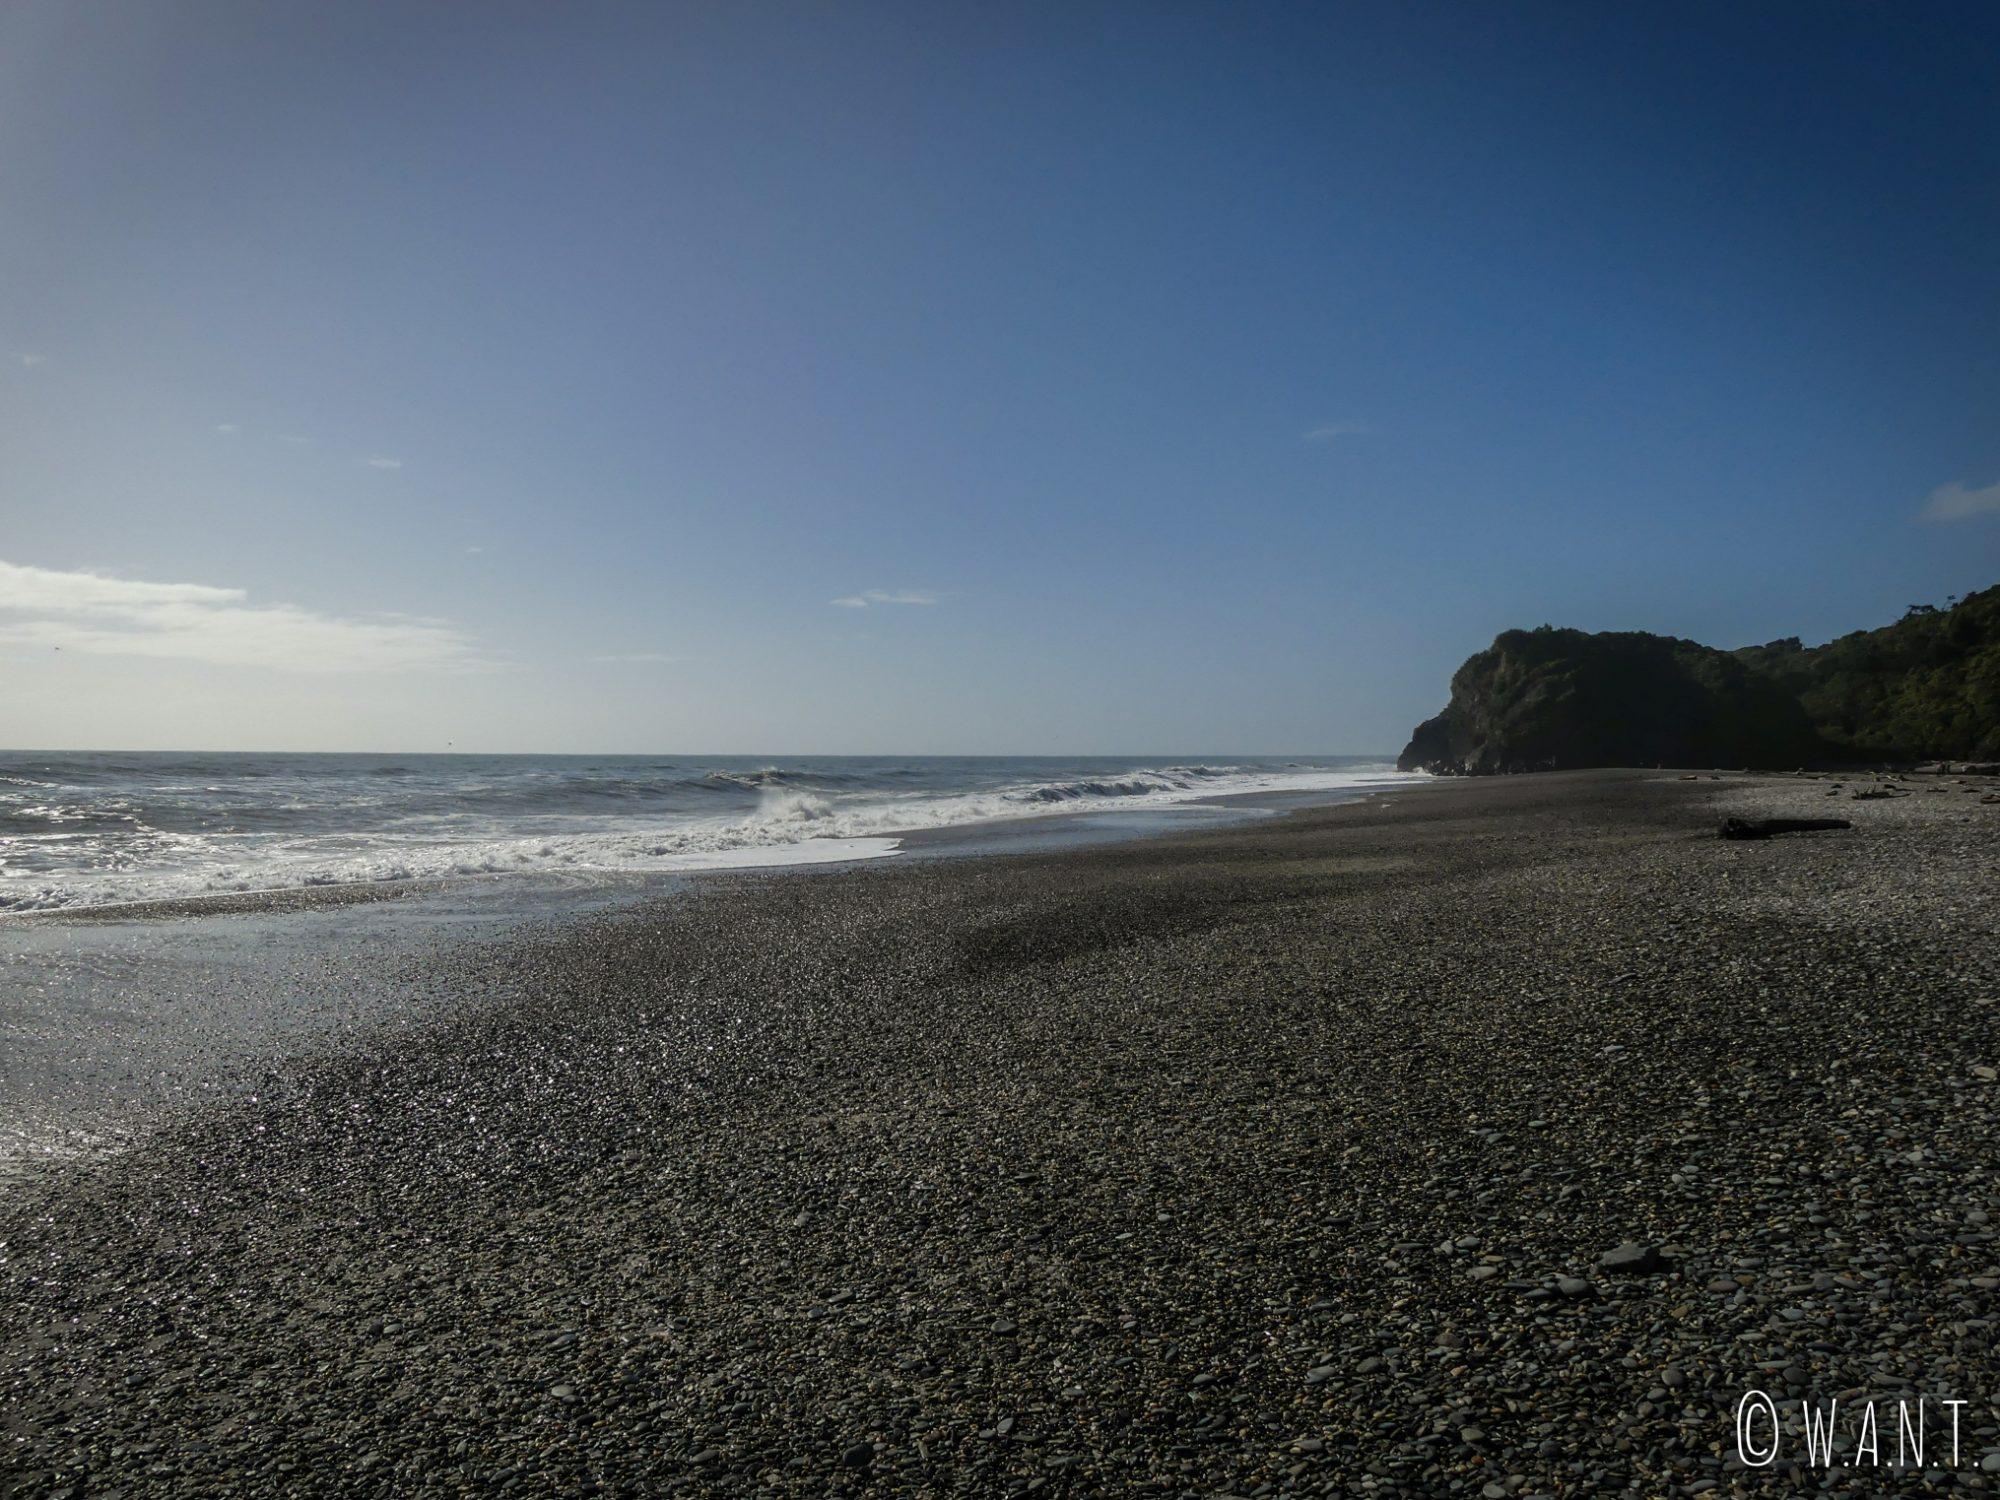 Plage de Ship Creek Beach sur la côte ouest de l'île du sud de la Nouvelle-Zélande